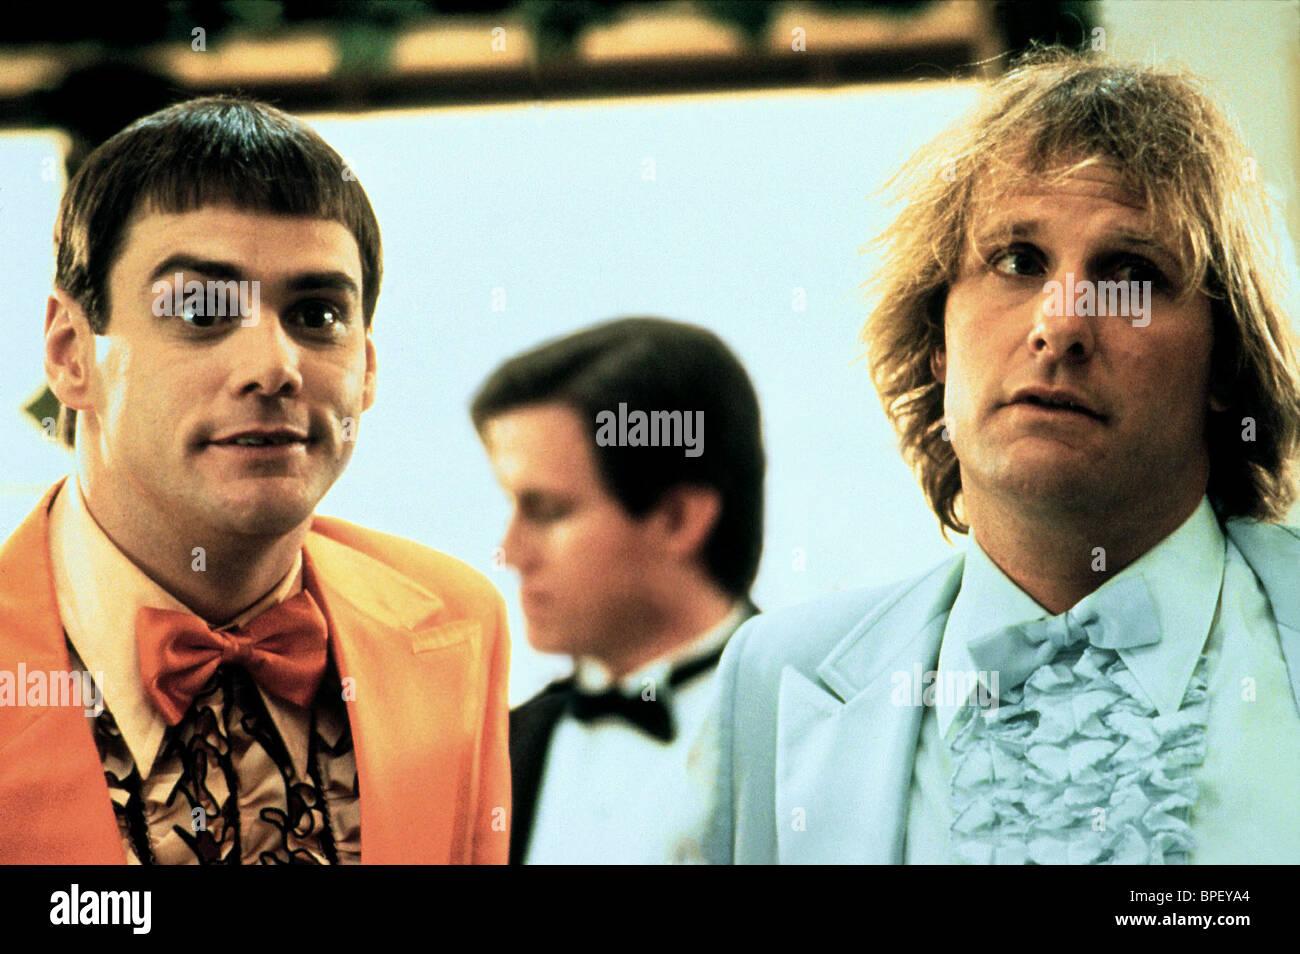 JIM CARREY, JEFF DANIELS, DUMB and DUMBER, 1994 Stock Photo